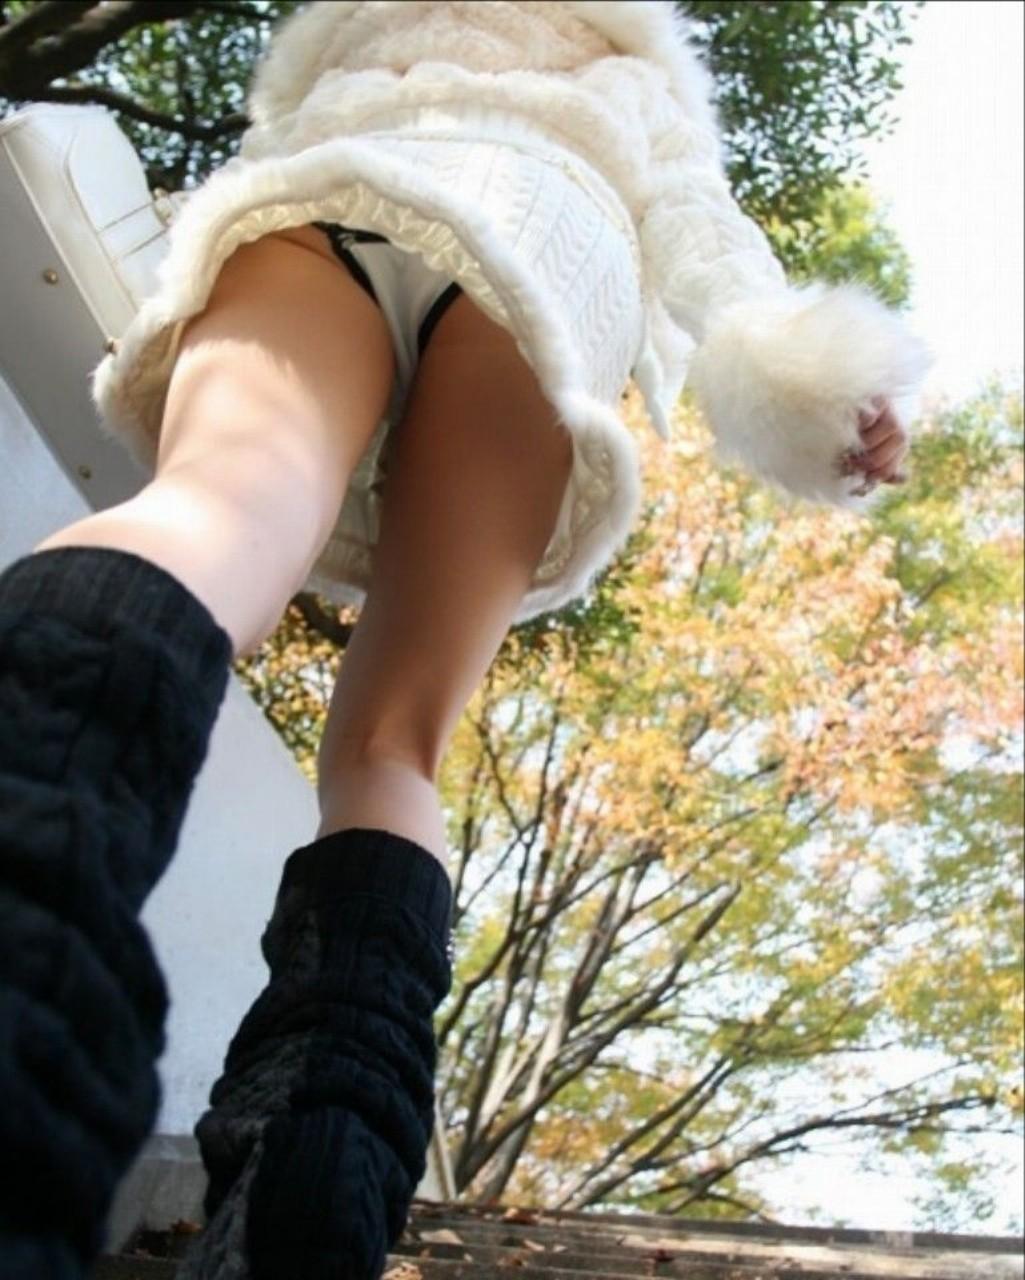 【パンチラエロ画像】諦めきれない階段のミニ…だから素直にローアングル覗きwww 20